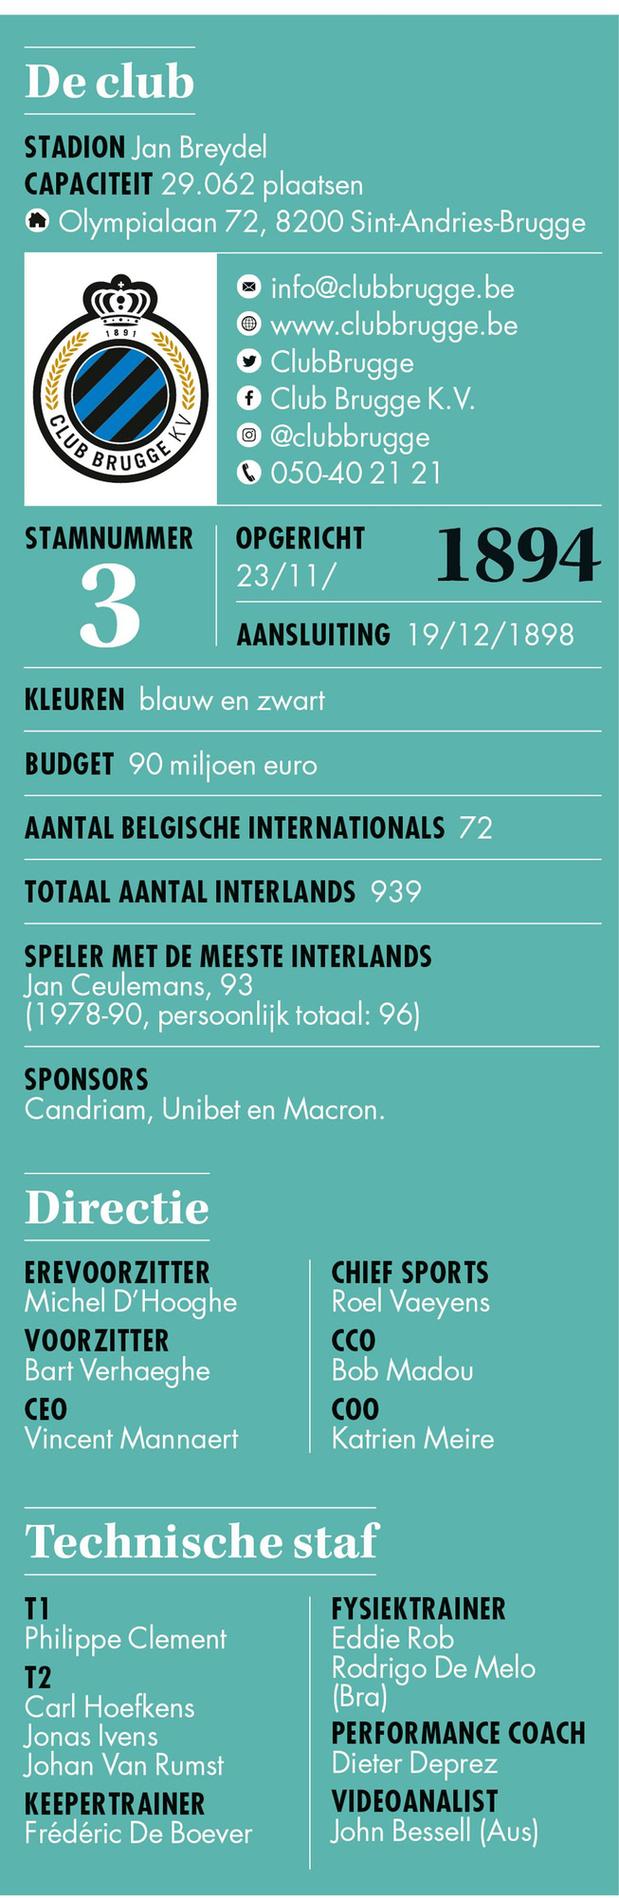 Club Brugge - Info